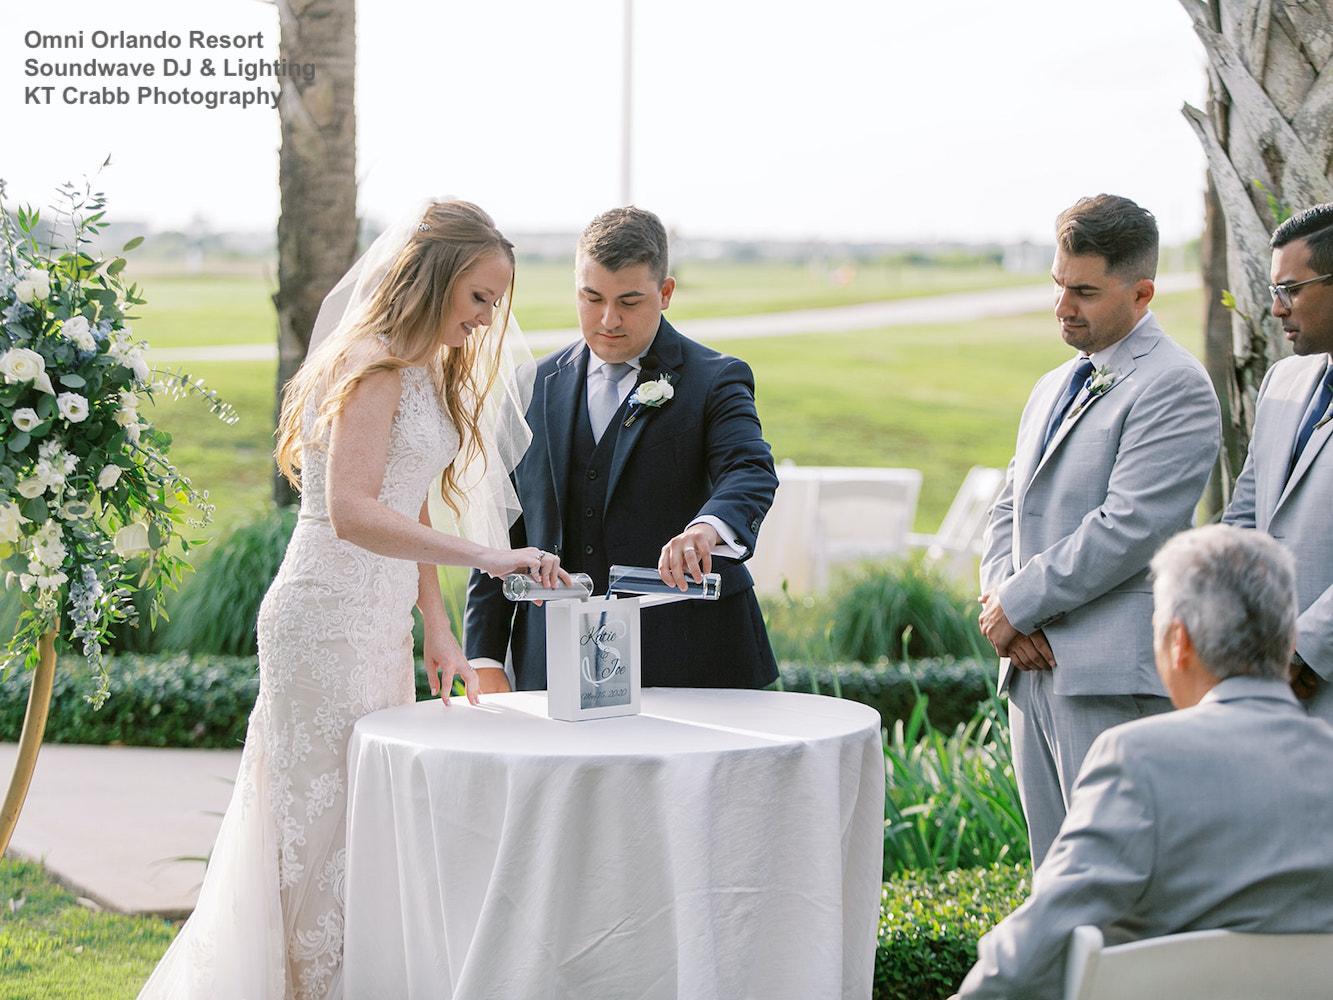 Omni Ceremony